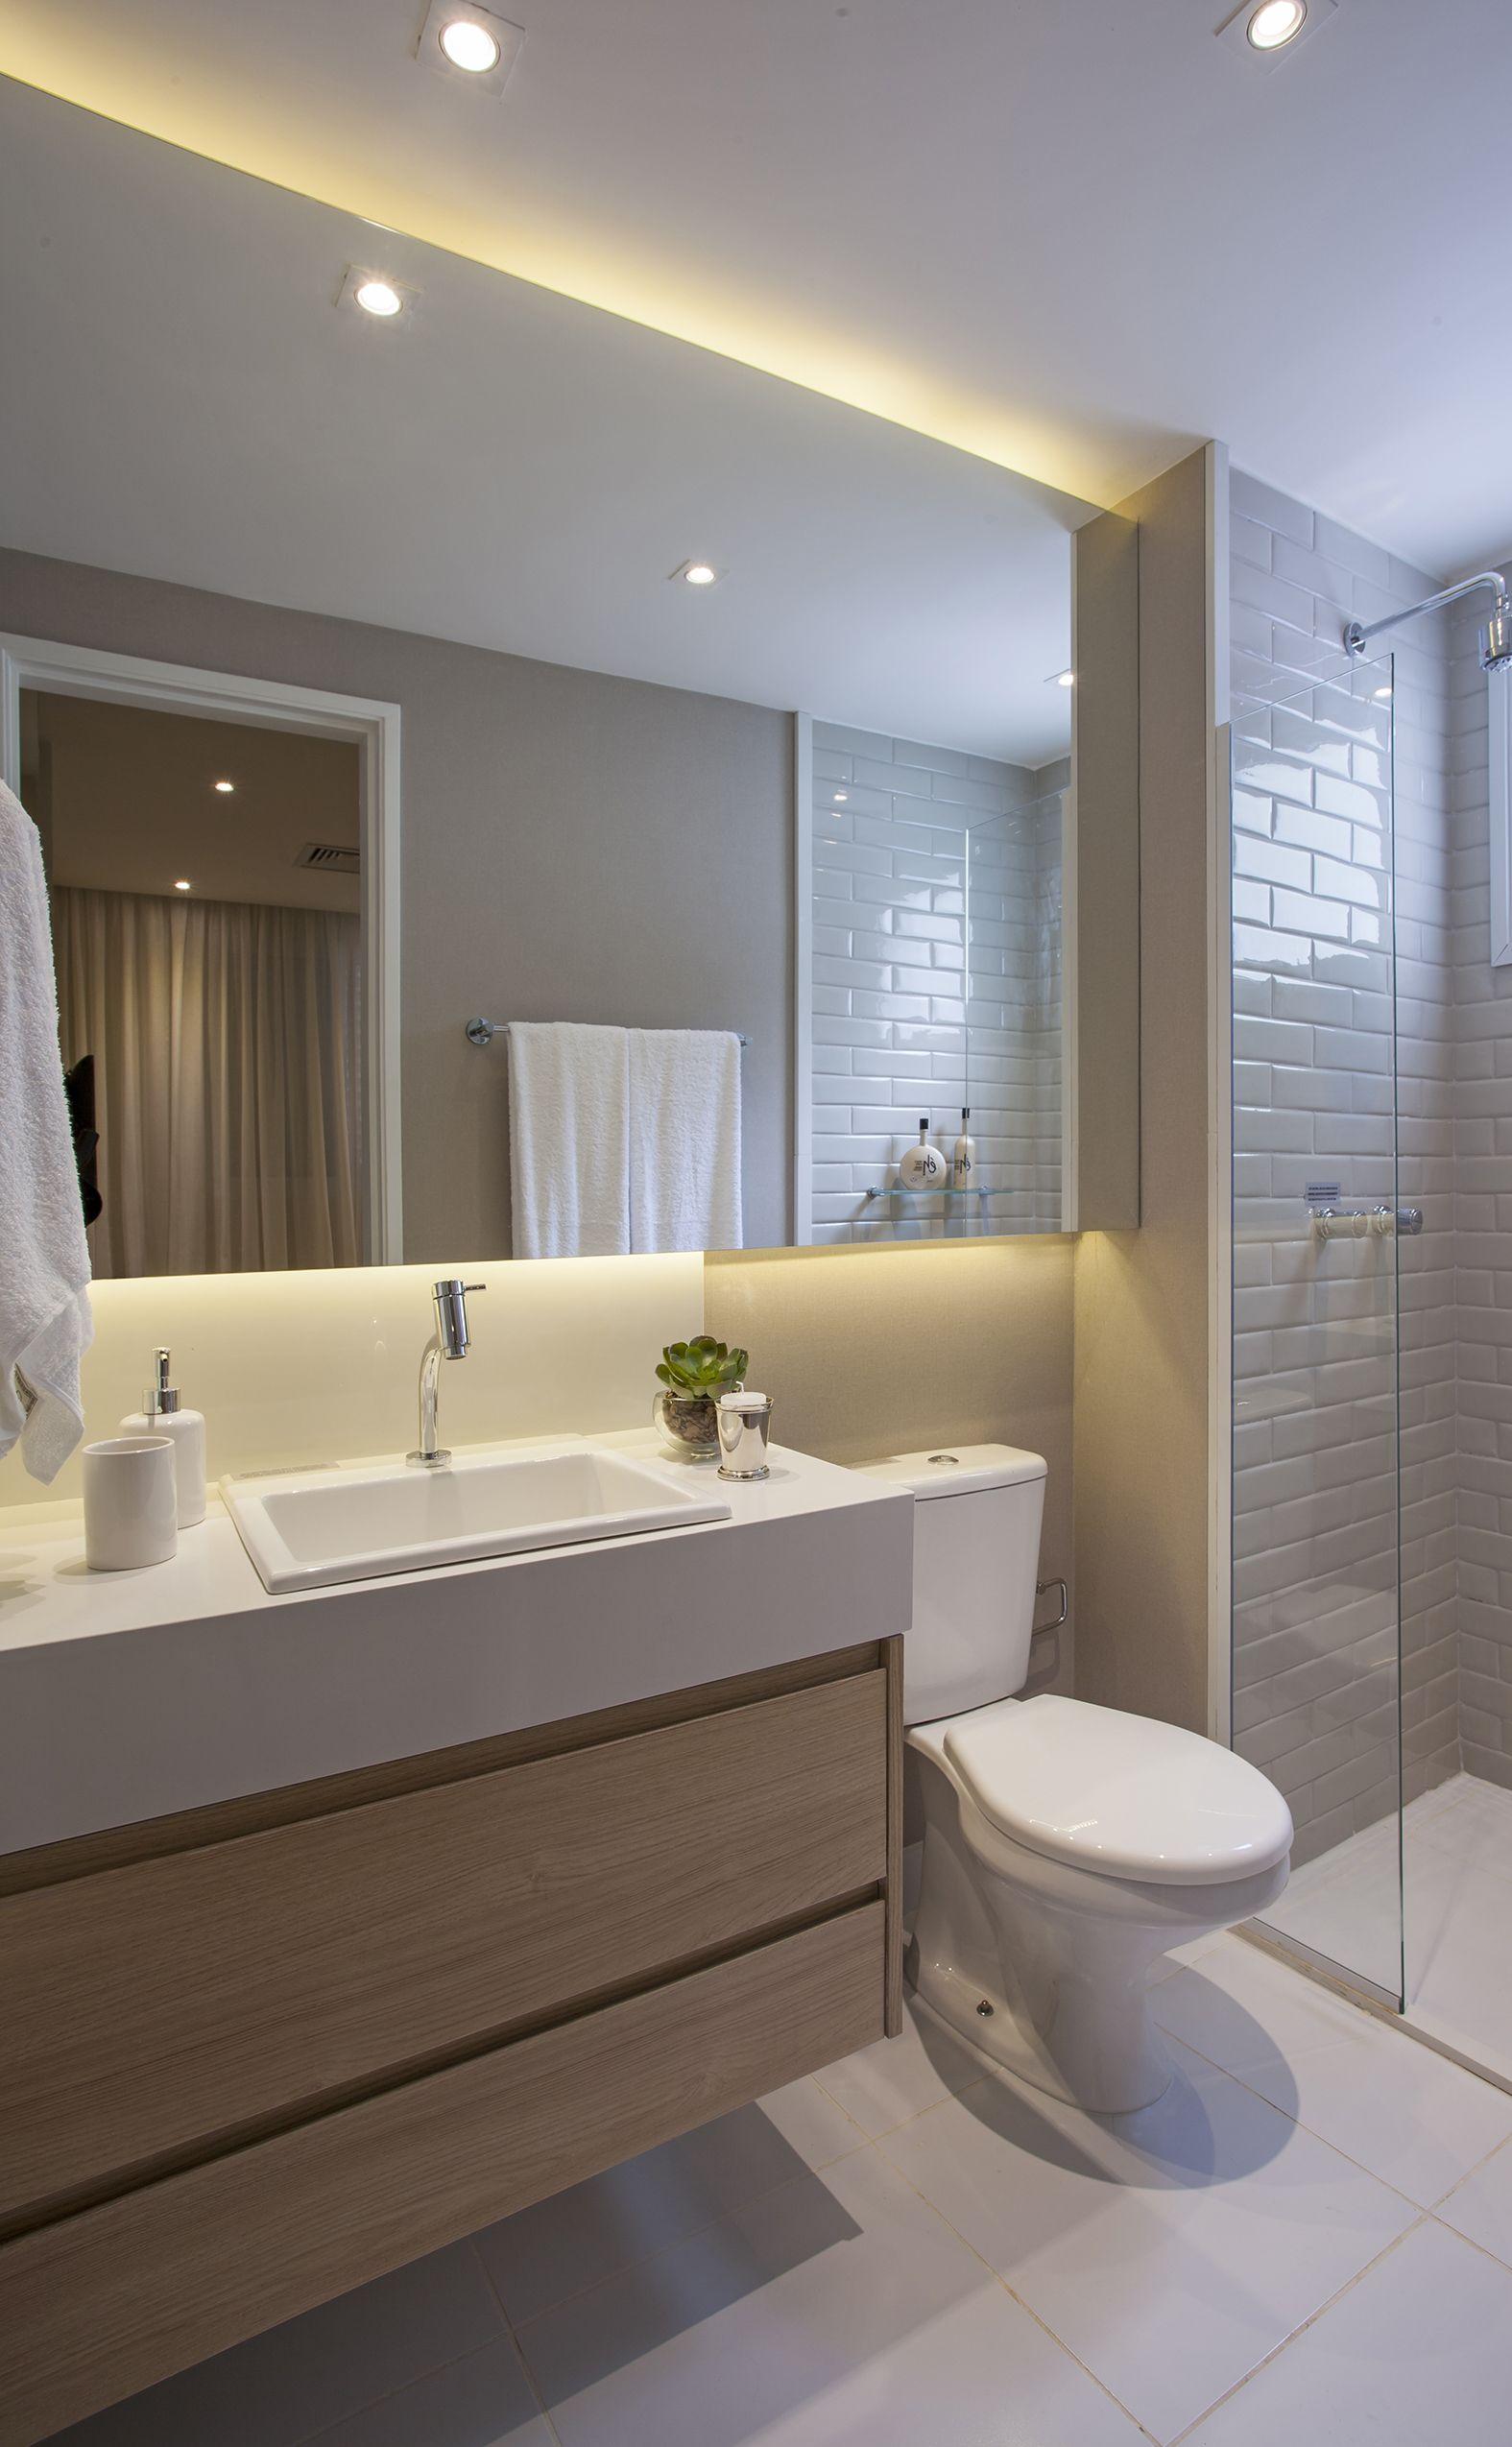 Cer mica portobello portobello bath and toilet for Bathroom design liverpool